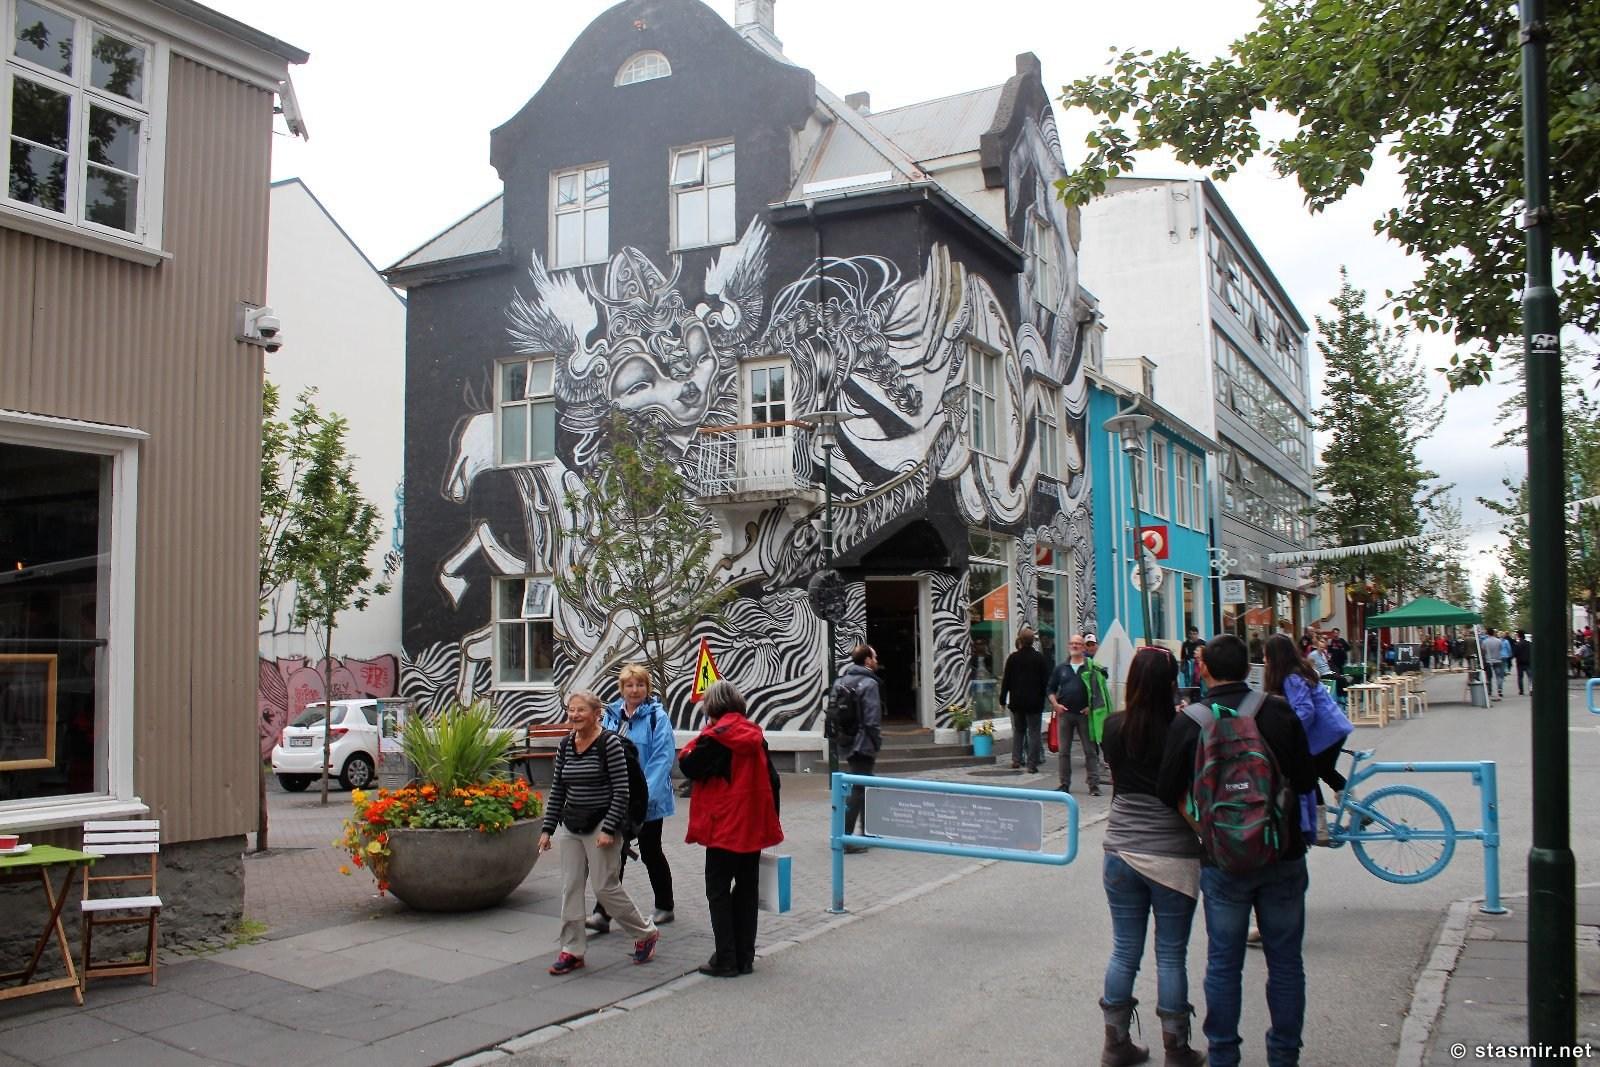 Лёйгавегюр - главная улица Рейкьявика, столицы Исландии, фото Стасмир, photo Stasmir